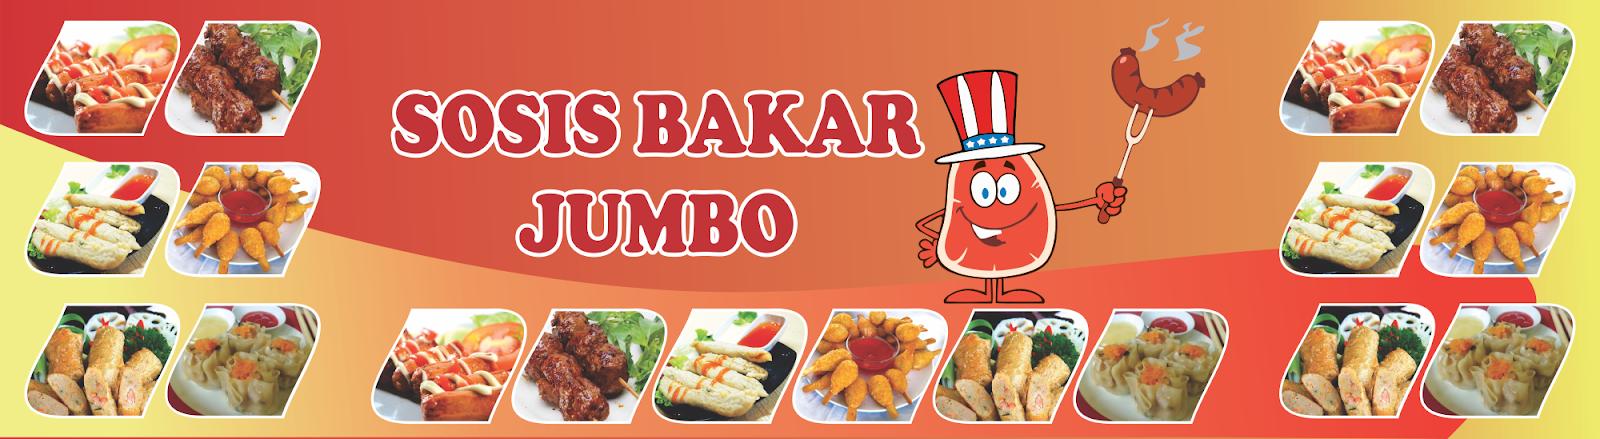 download 450 background banner sosis bakar terbaik download background background banner sosis bakar terbaik